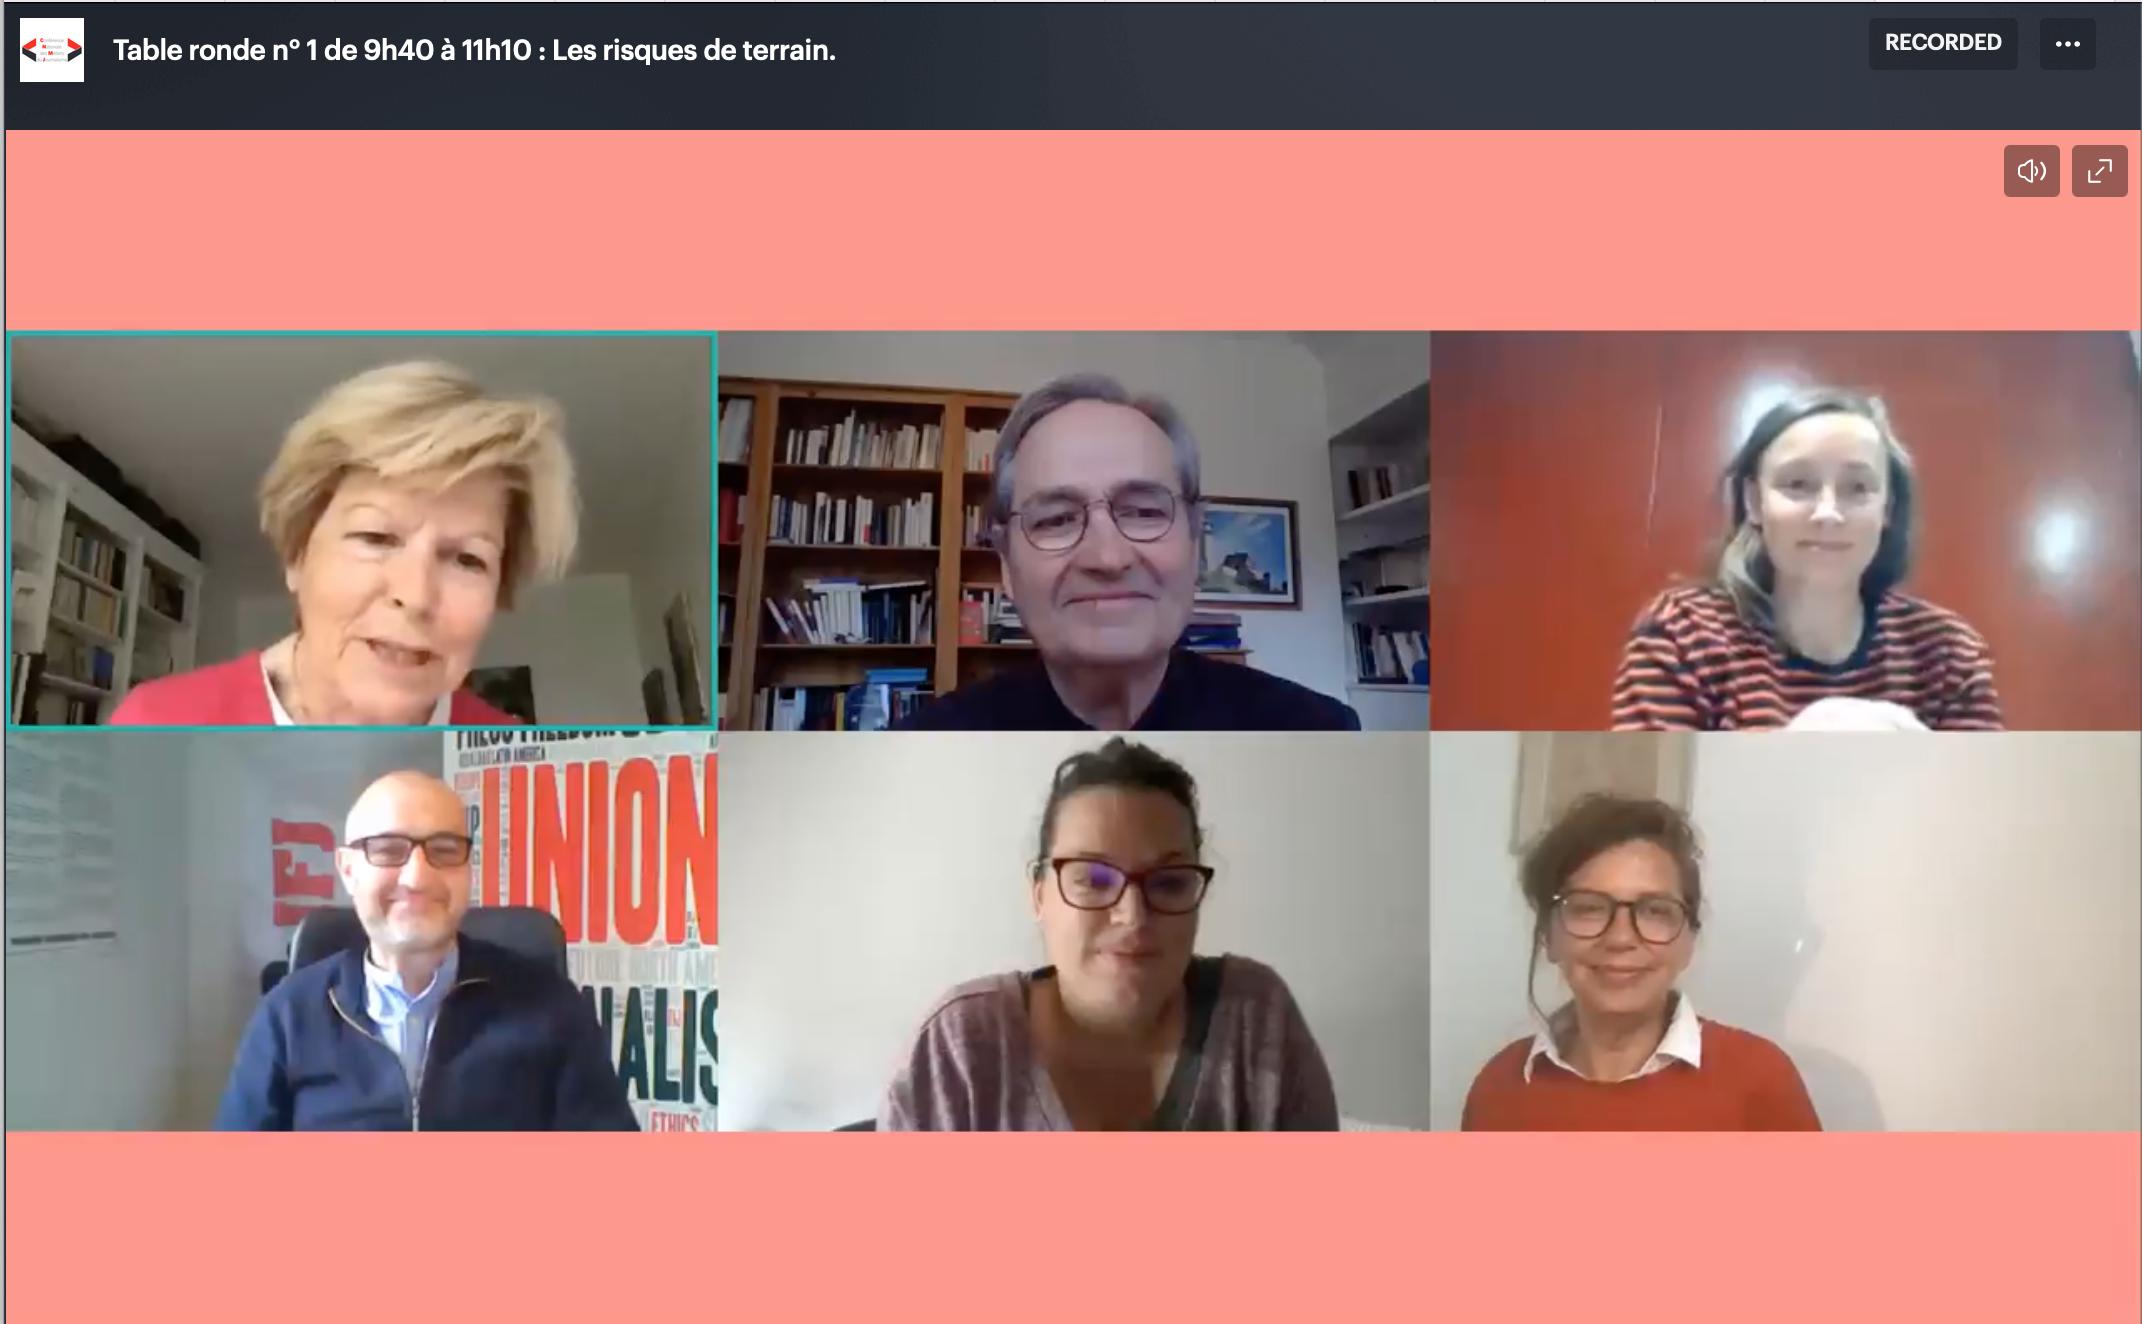 Risques du journalisme: 5 raisons de revoir la CNMJ 2021